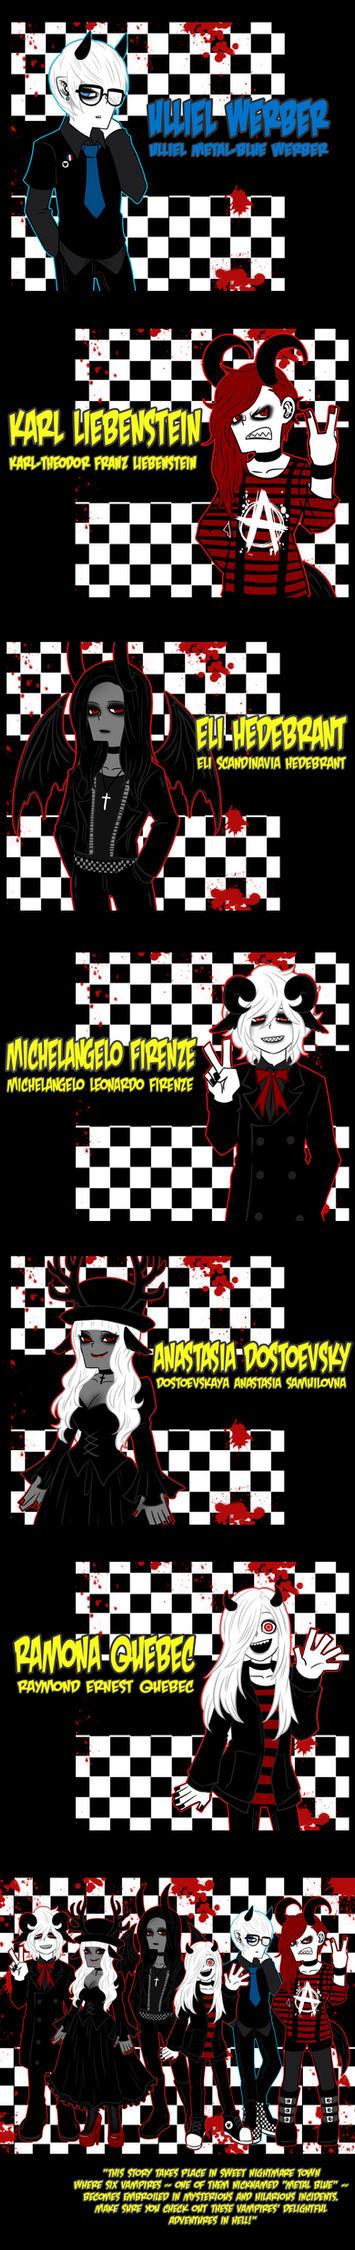 The Vampires by mikaeriksenweiseth